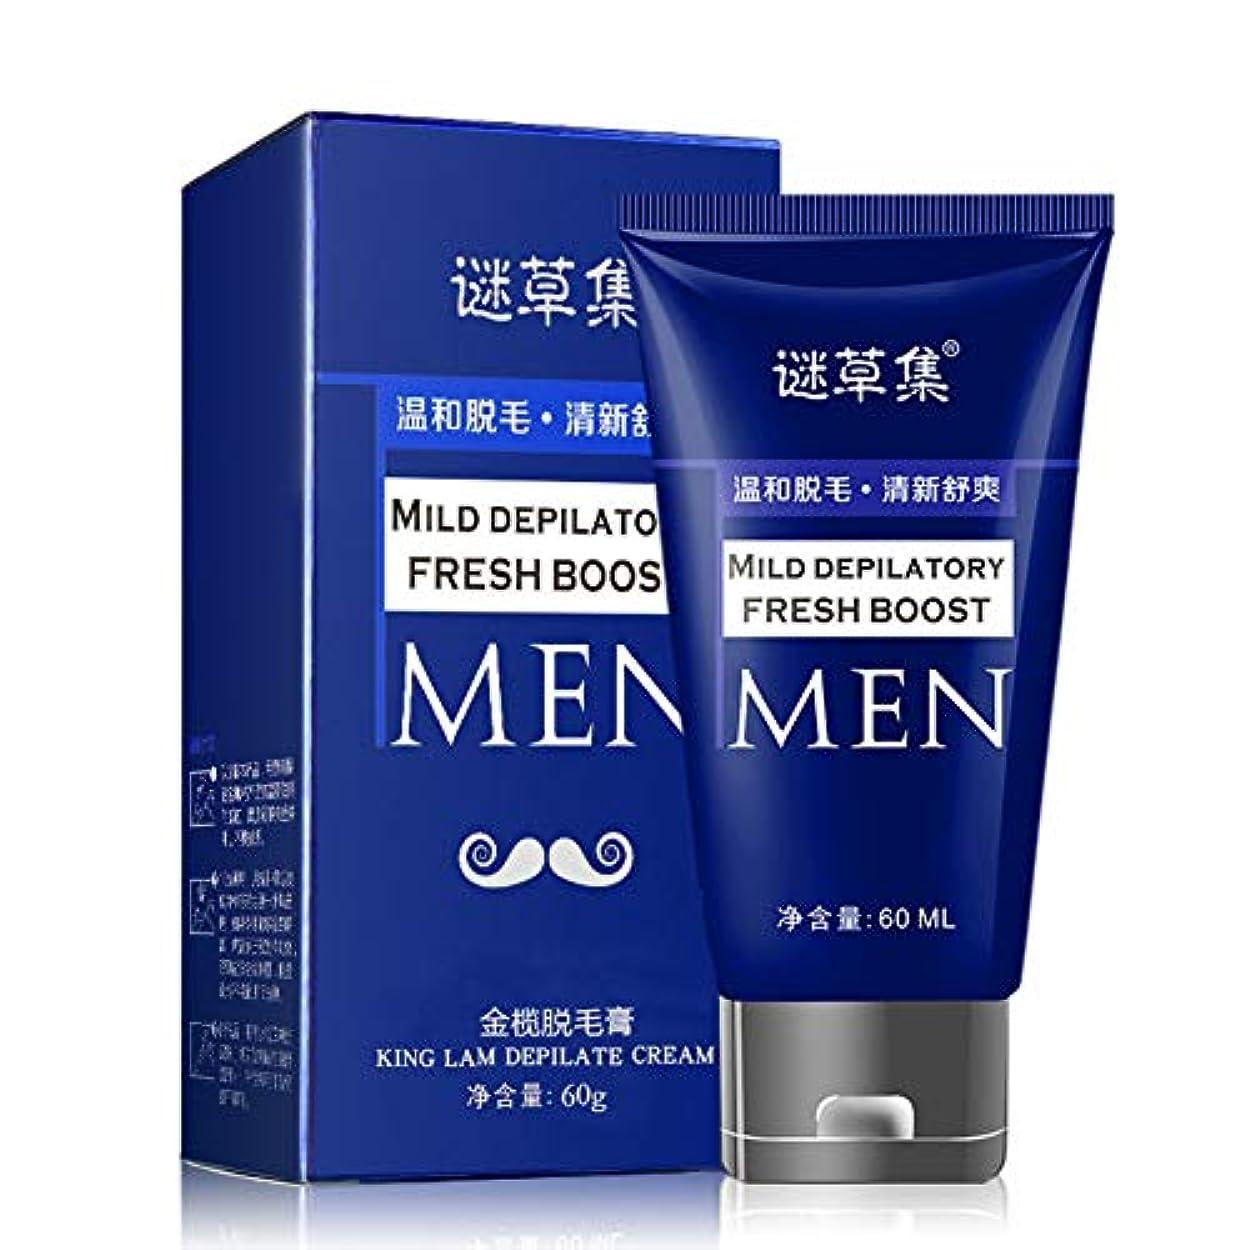 引き出し人工輝くRabugoo 60ML脱毛クリーム脱毛腕のアームの脚の毛の痛みは、男性の美容スパのために削除